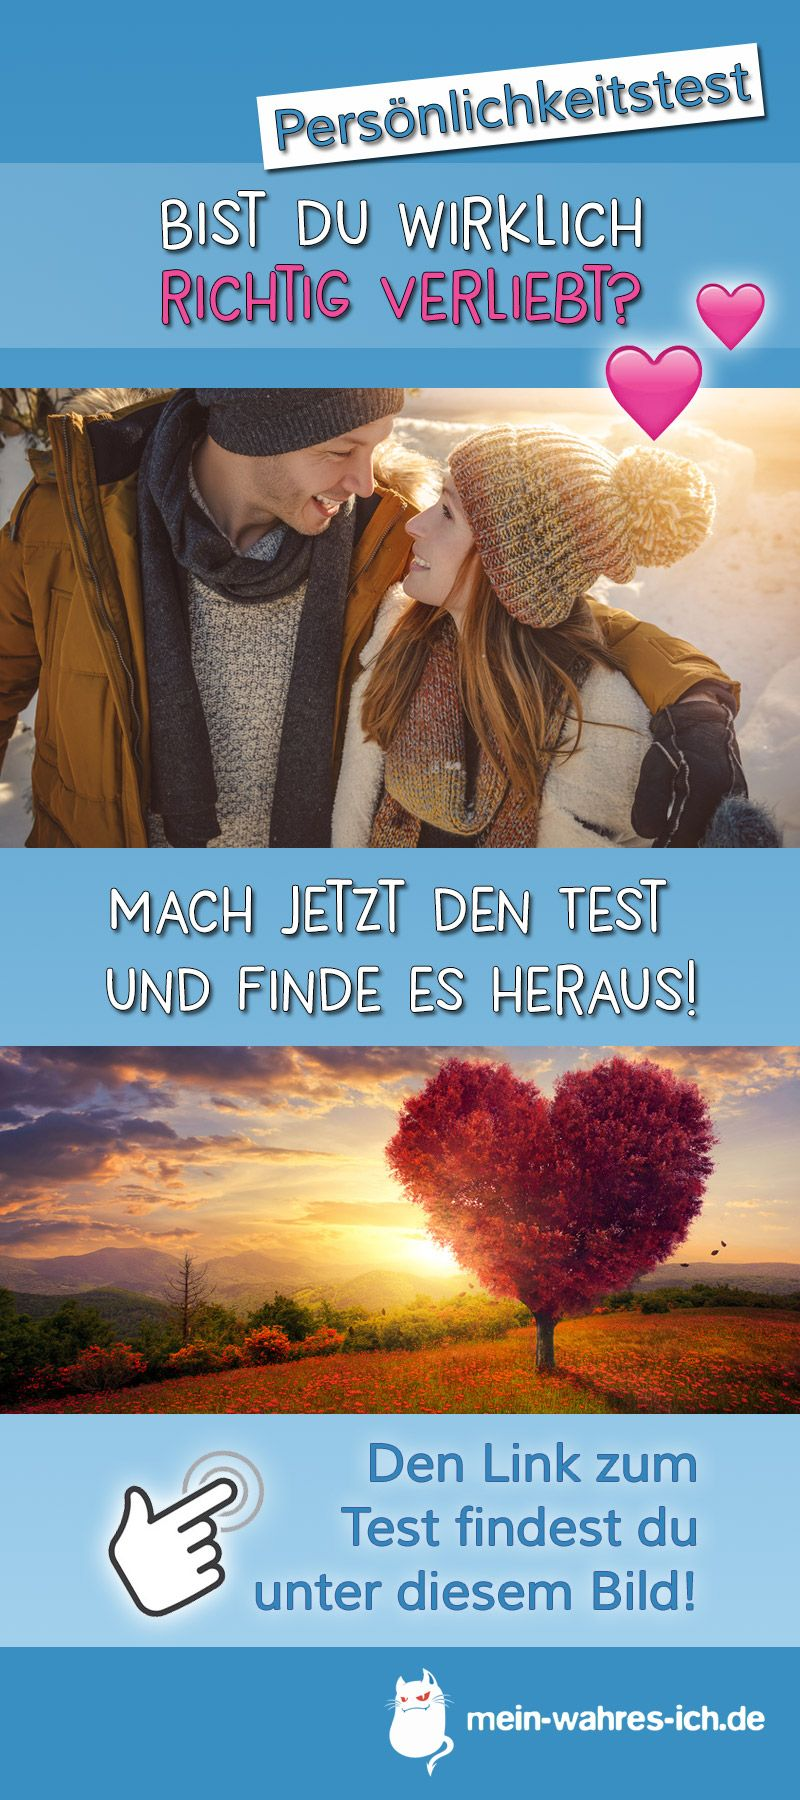 teste dich bist du wirklich verliebt